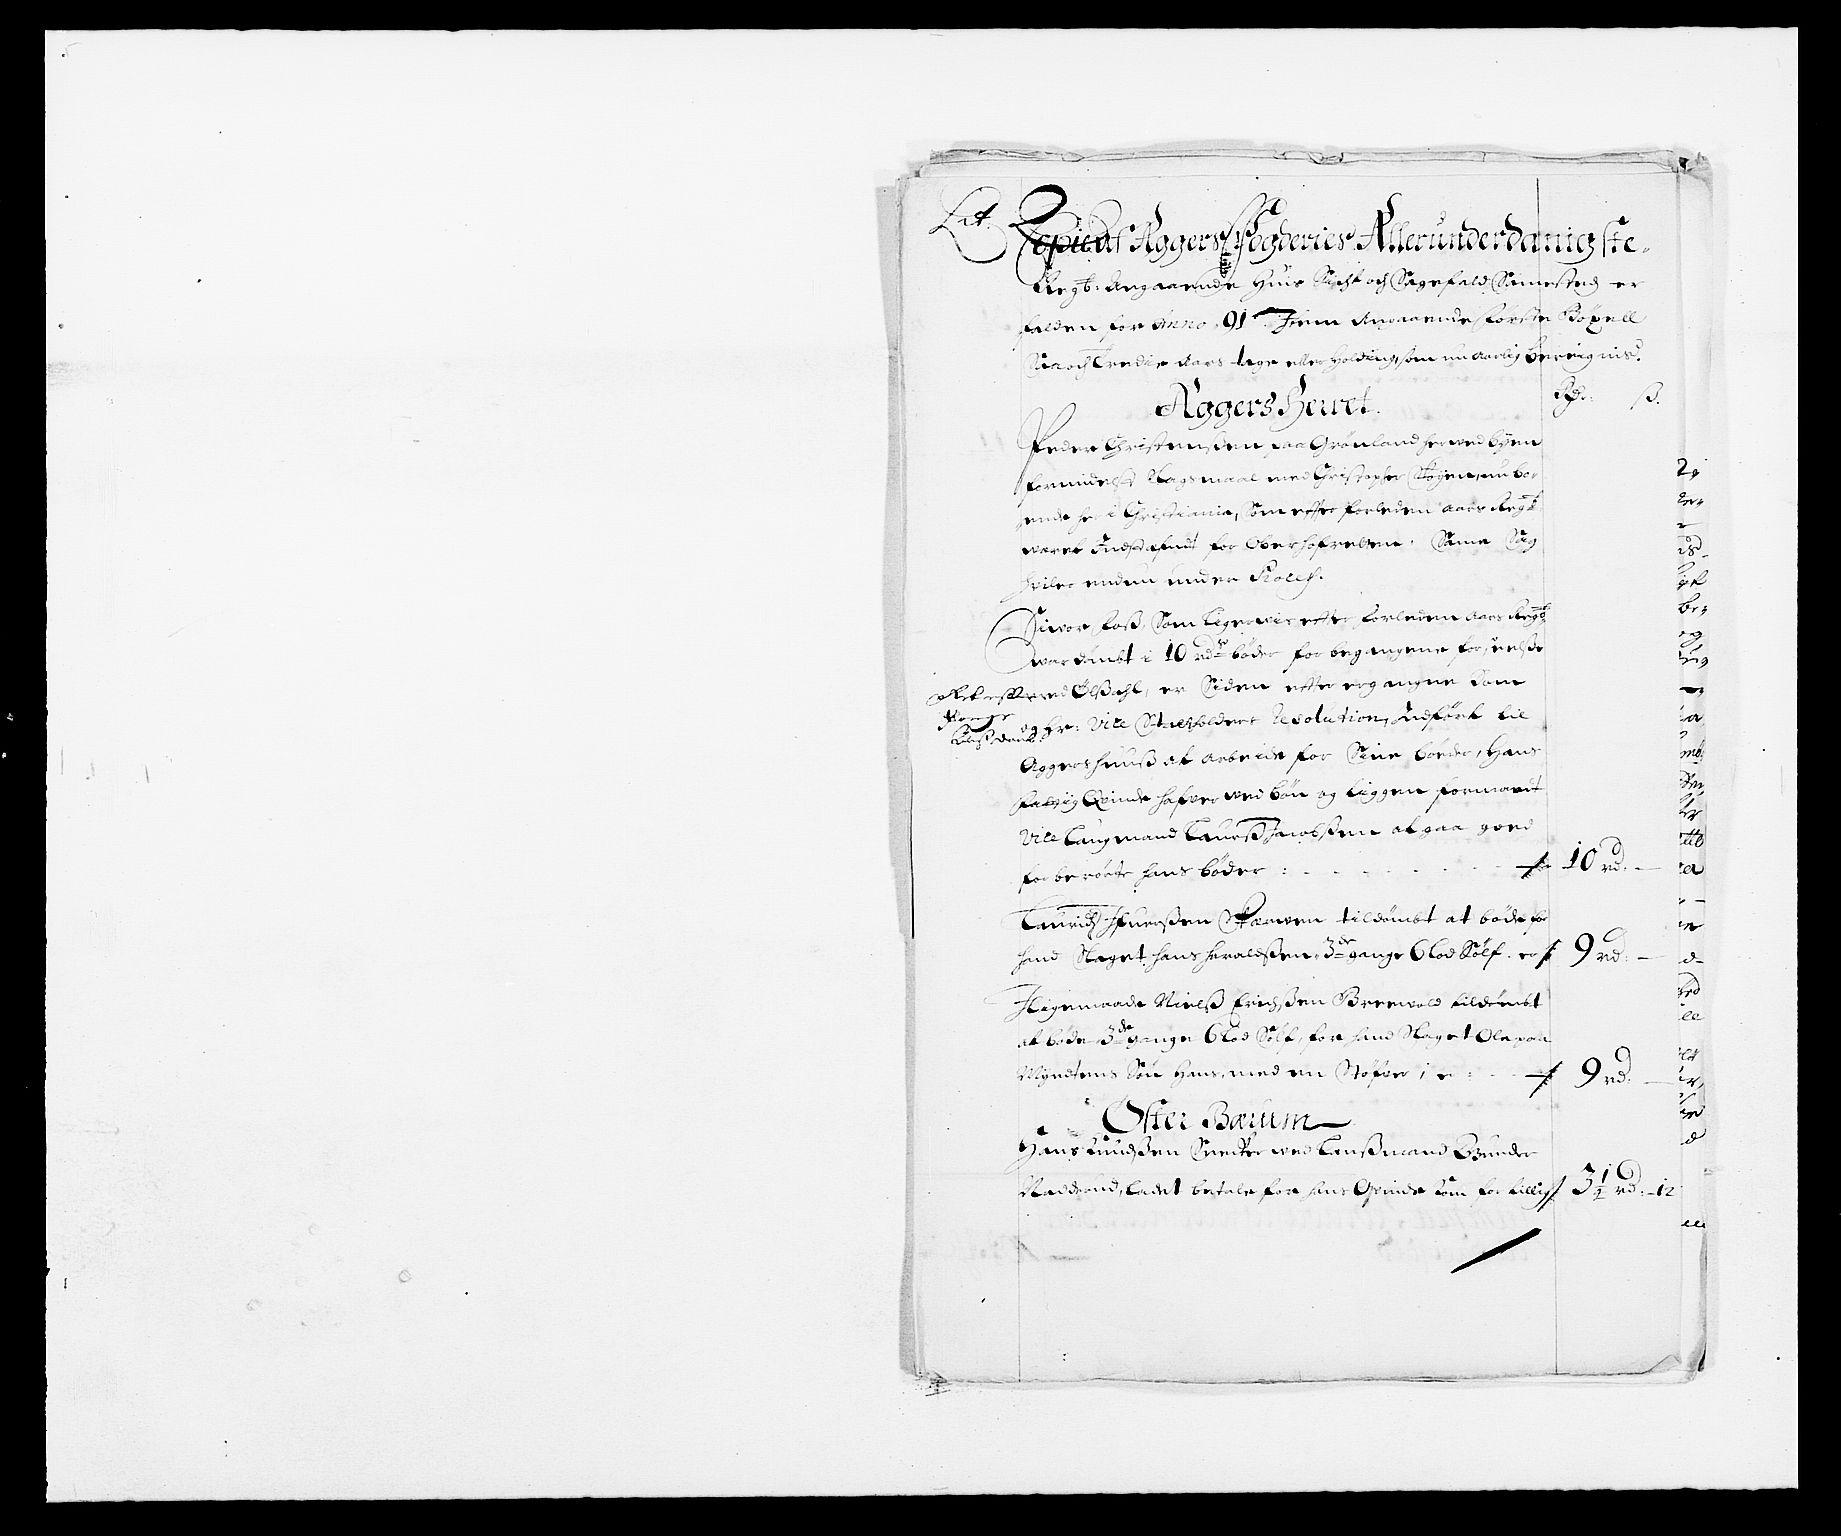 RA, Rentekammeret inntil 1814, Reviderte regnskaper, Fogderegnskap, R08/L0423: Fogderegnskap Aker, 1687-1689, s. 278